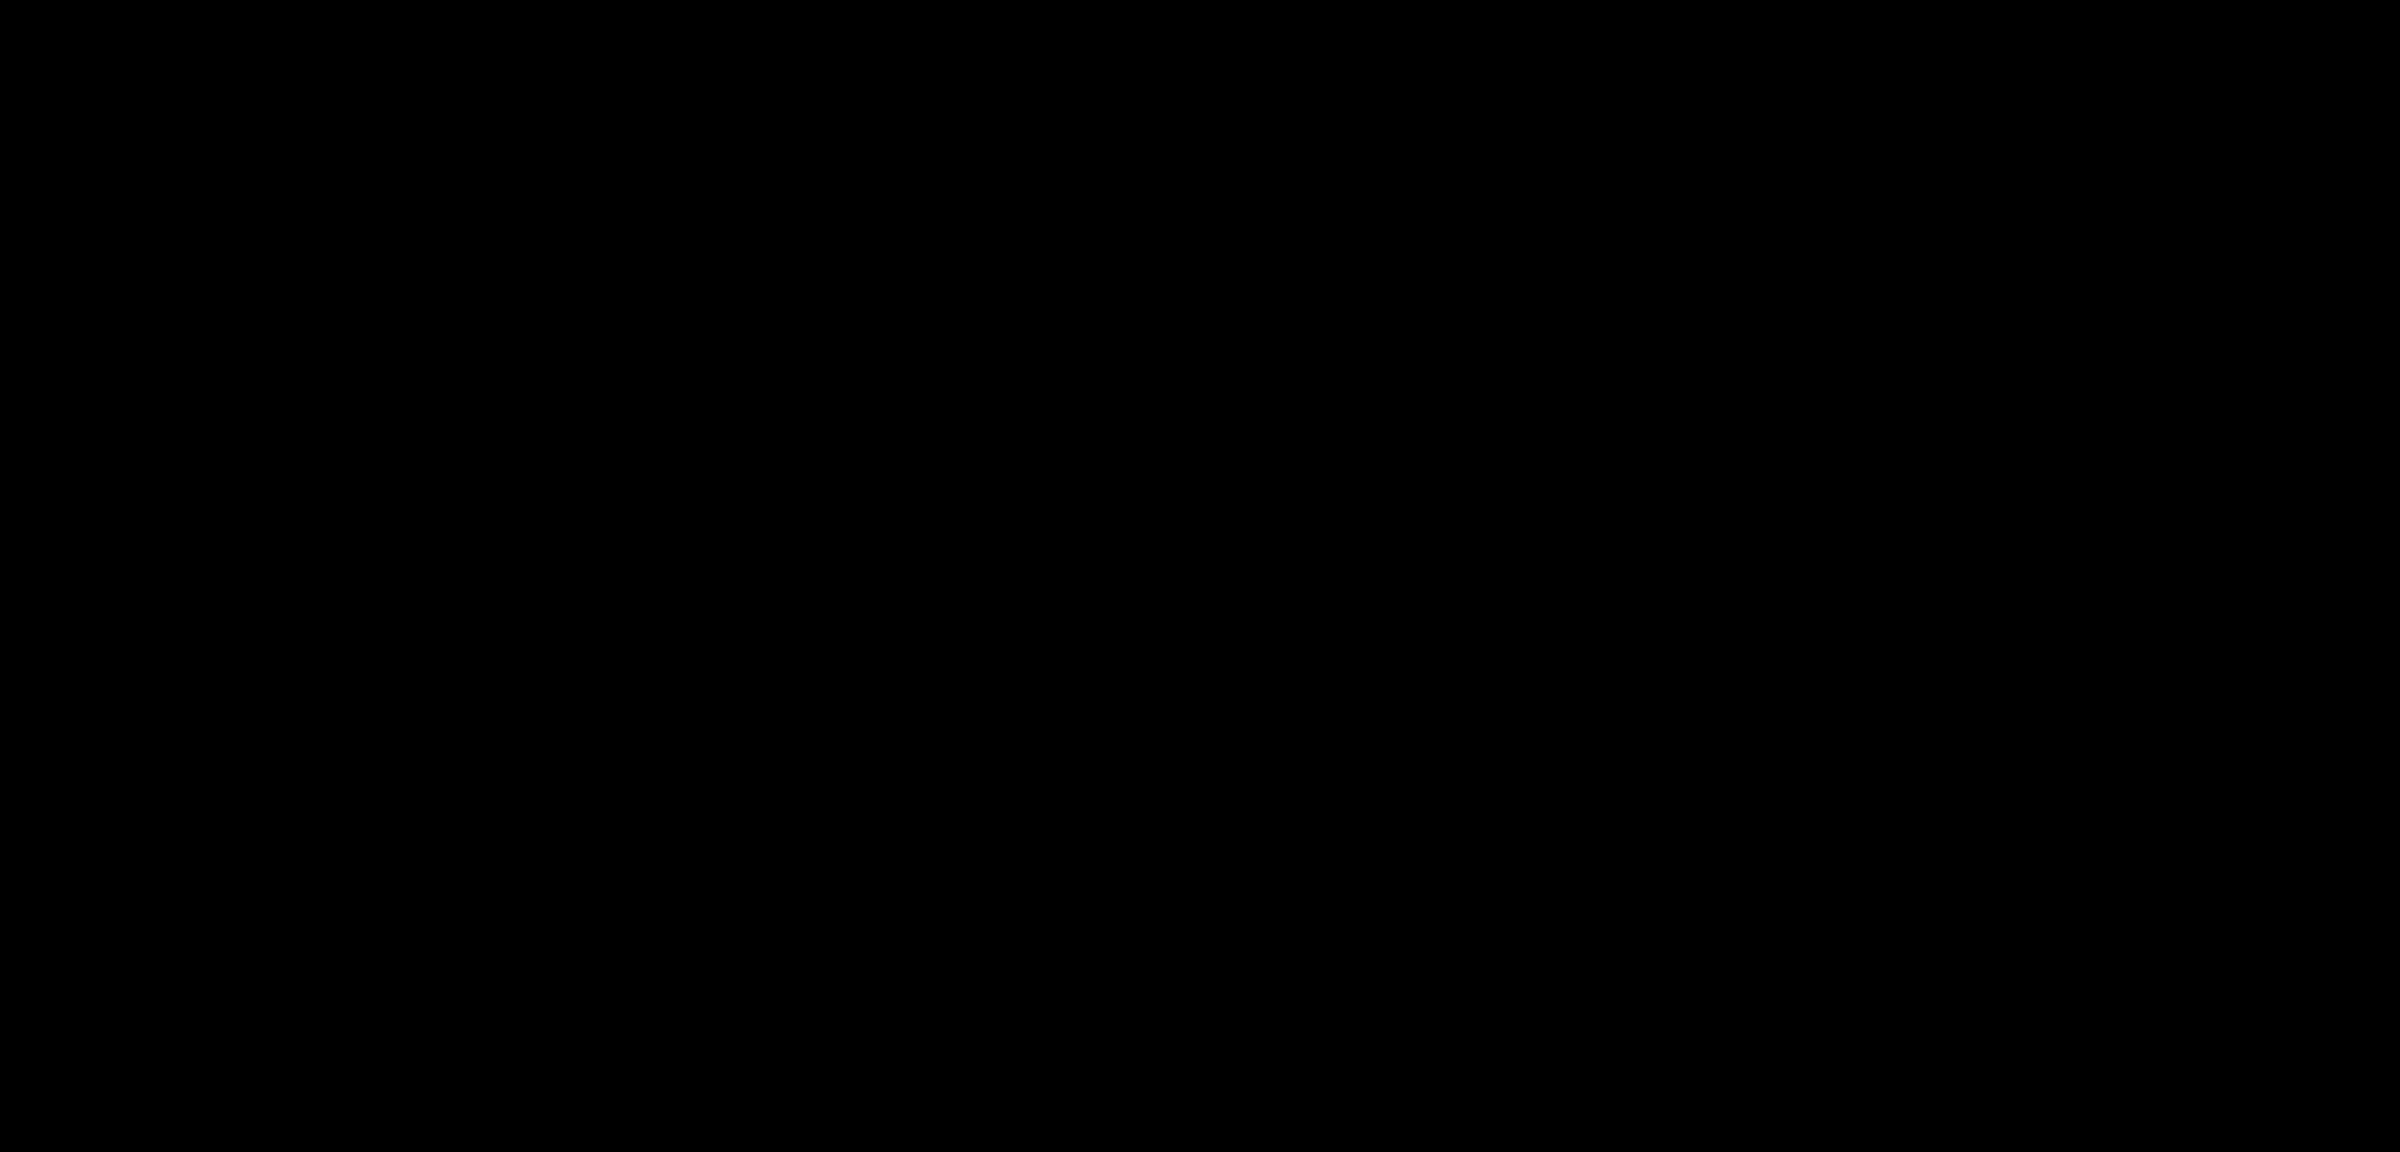 Greek clipart logo. Greeks around banner big